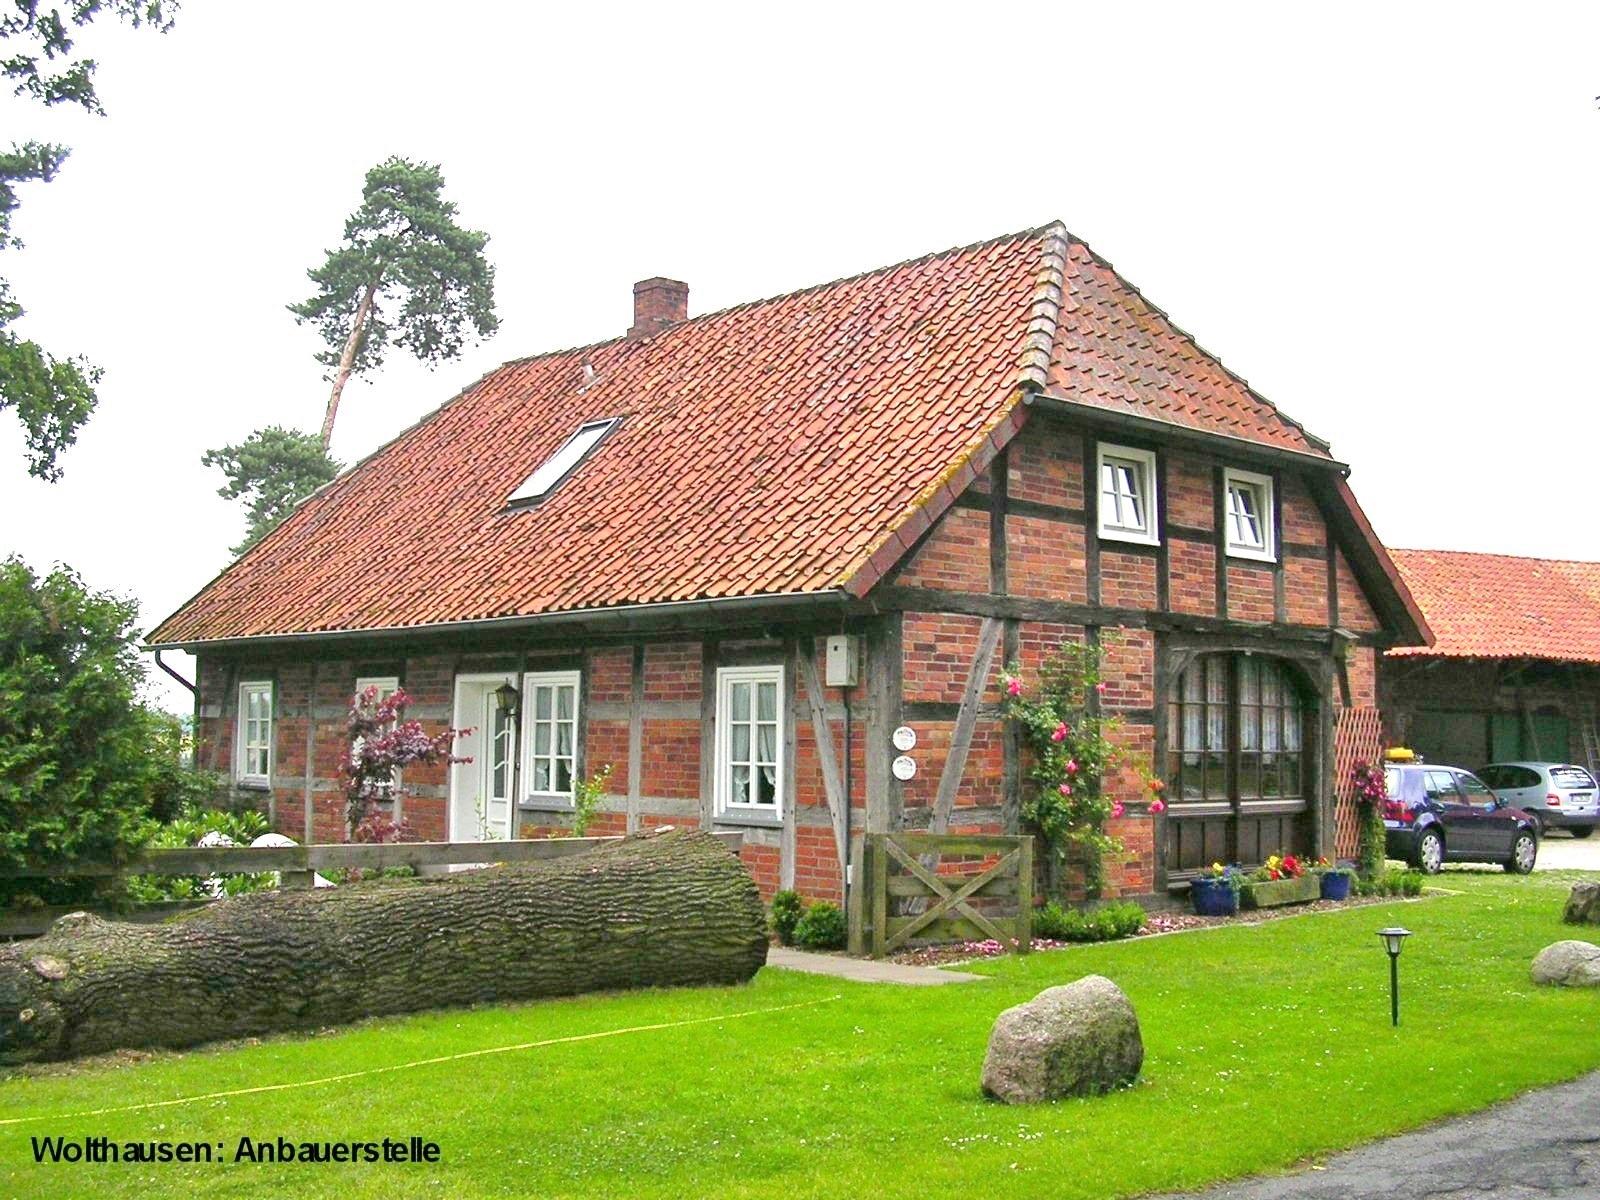 h-wolthausen-ce-anbauerstelle